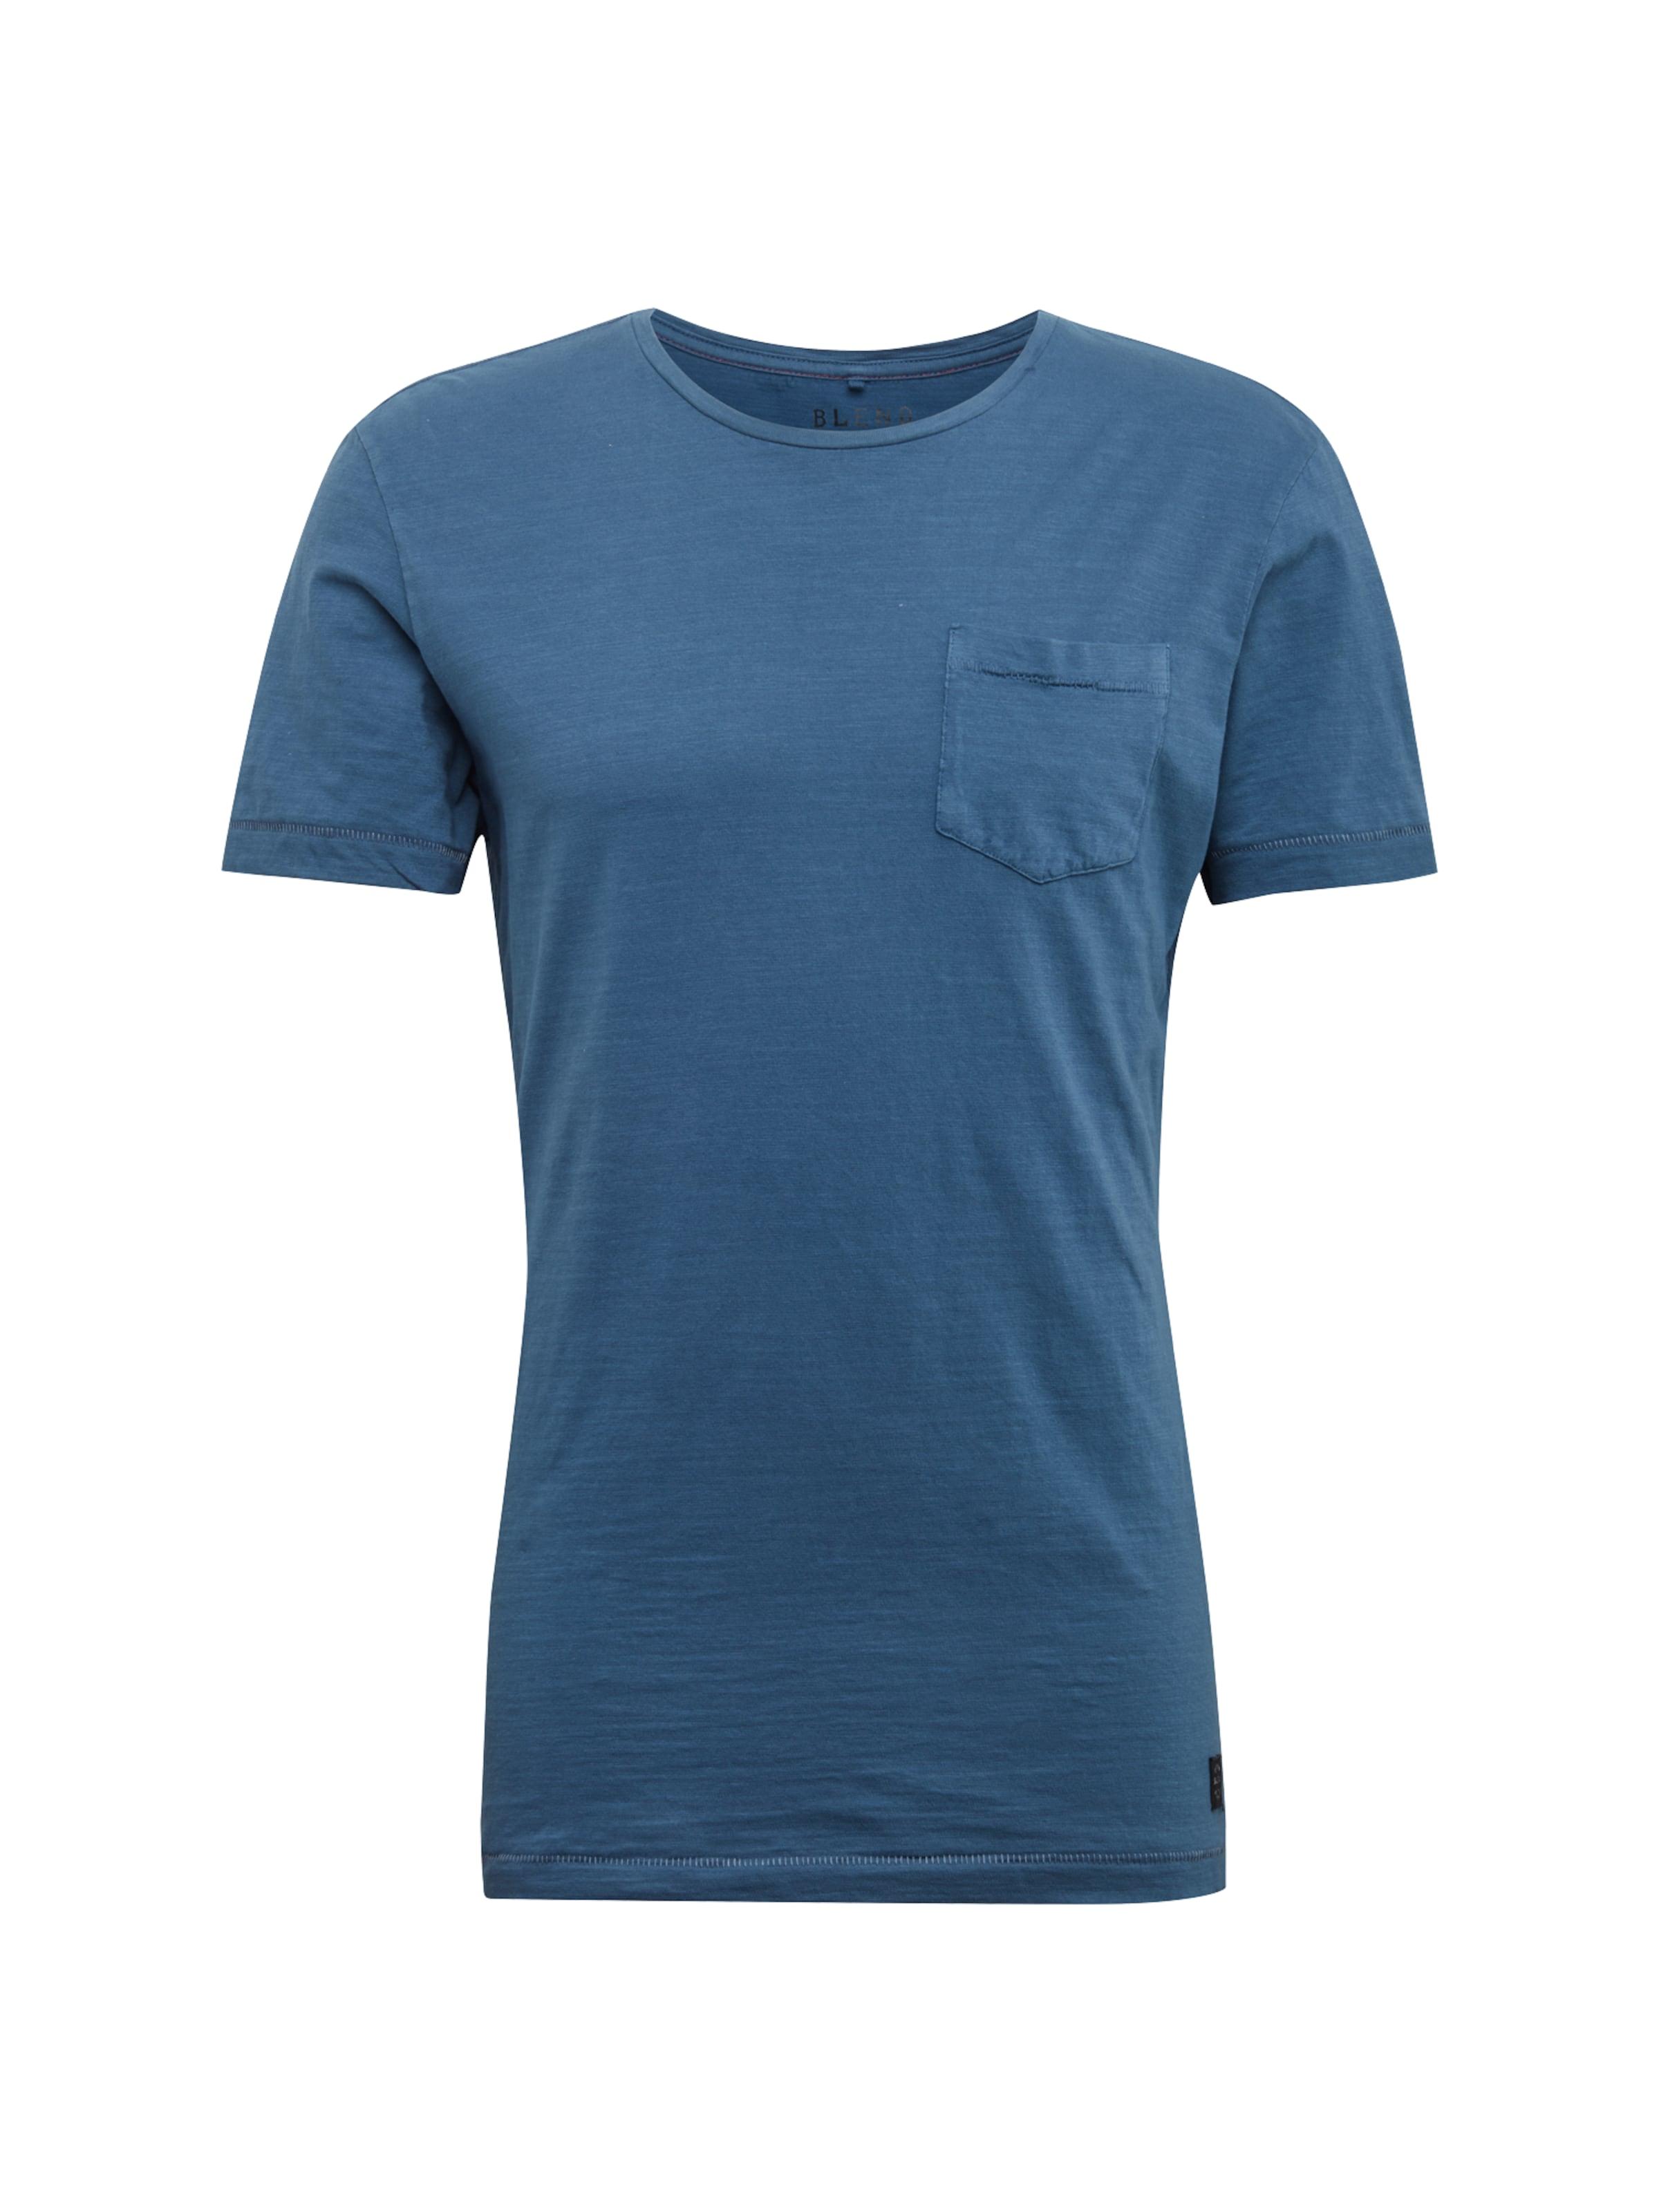 Blend Bleu shirt En T 'tee' fyYb67g